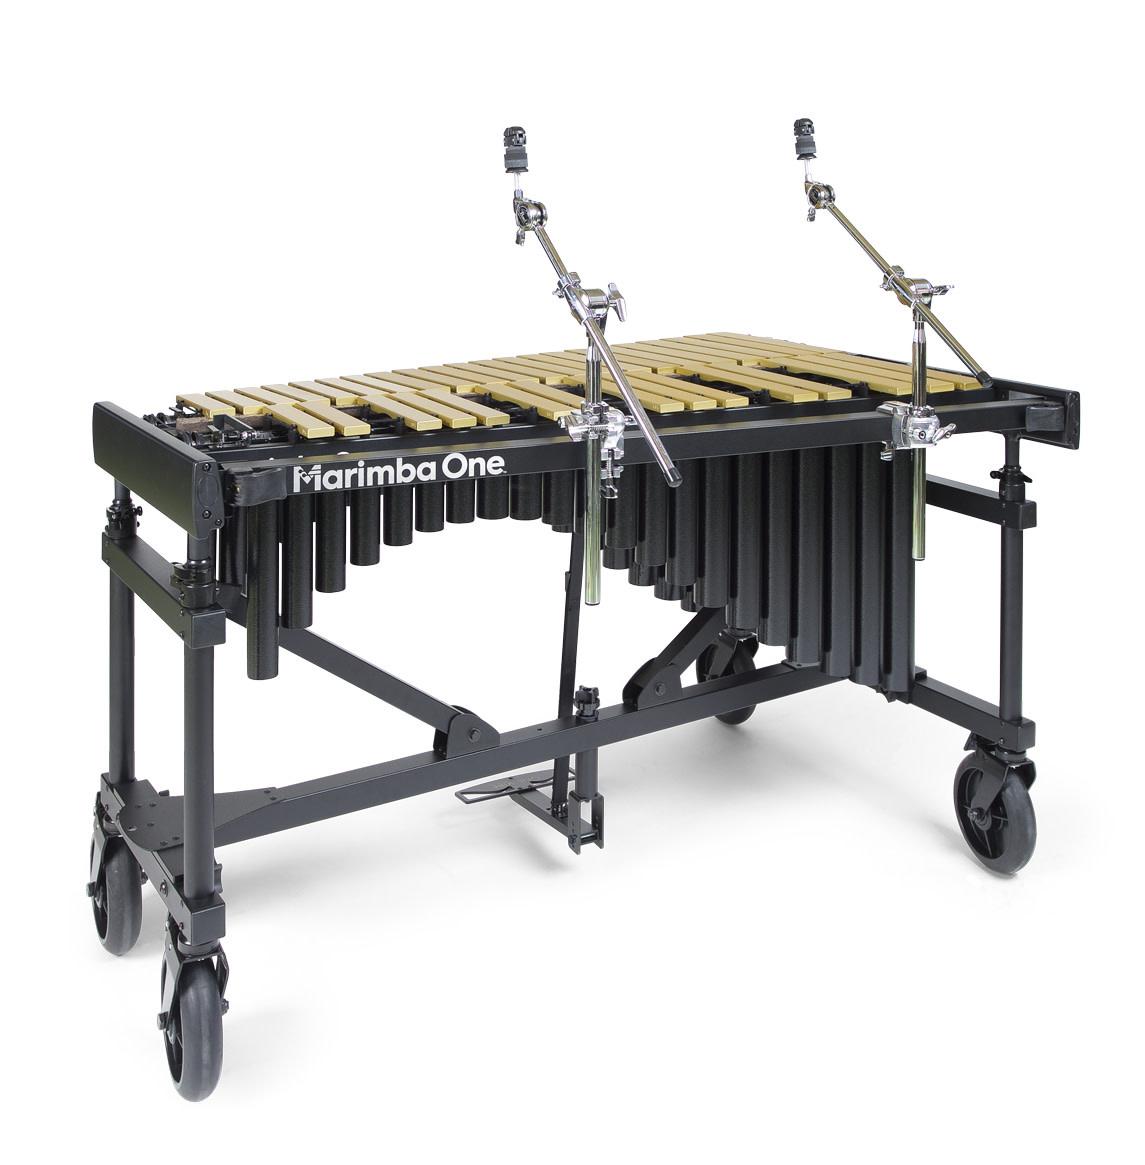 Marimba One Vibraphone New Wave de Marimba One - lames argentées avec moteur